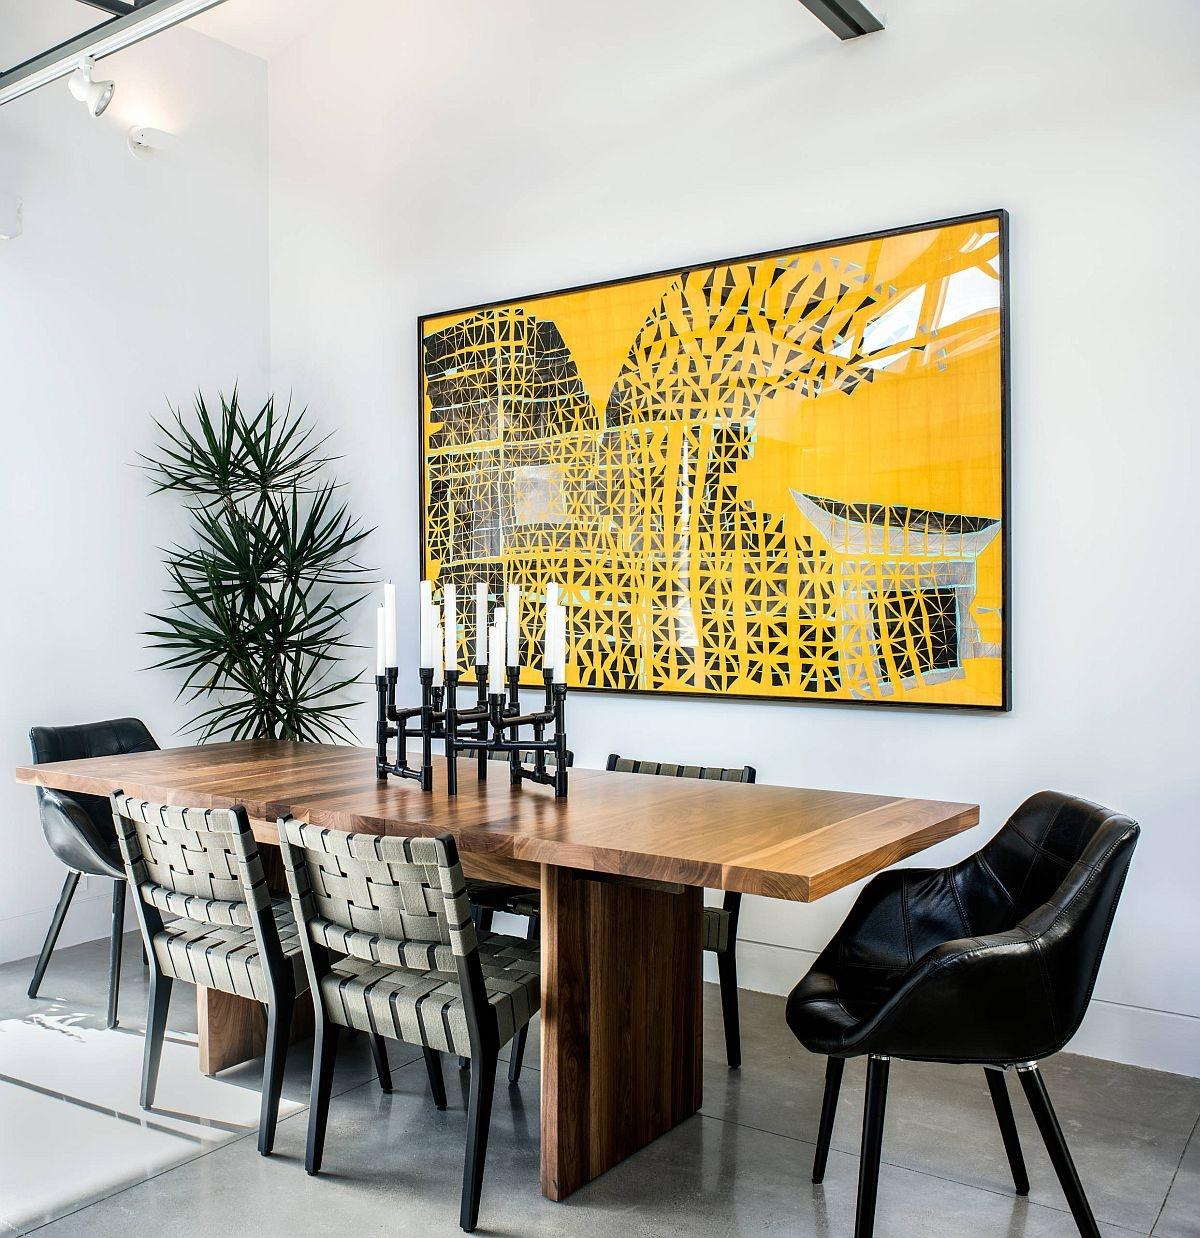 Một bức tranh màu vàng tươi giúp phòng ăn thêm phần sức sống và tràn đầy năng lượng hơn.